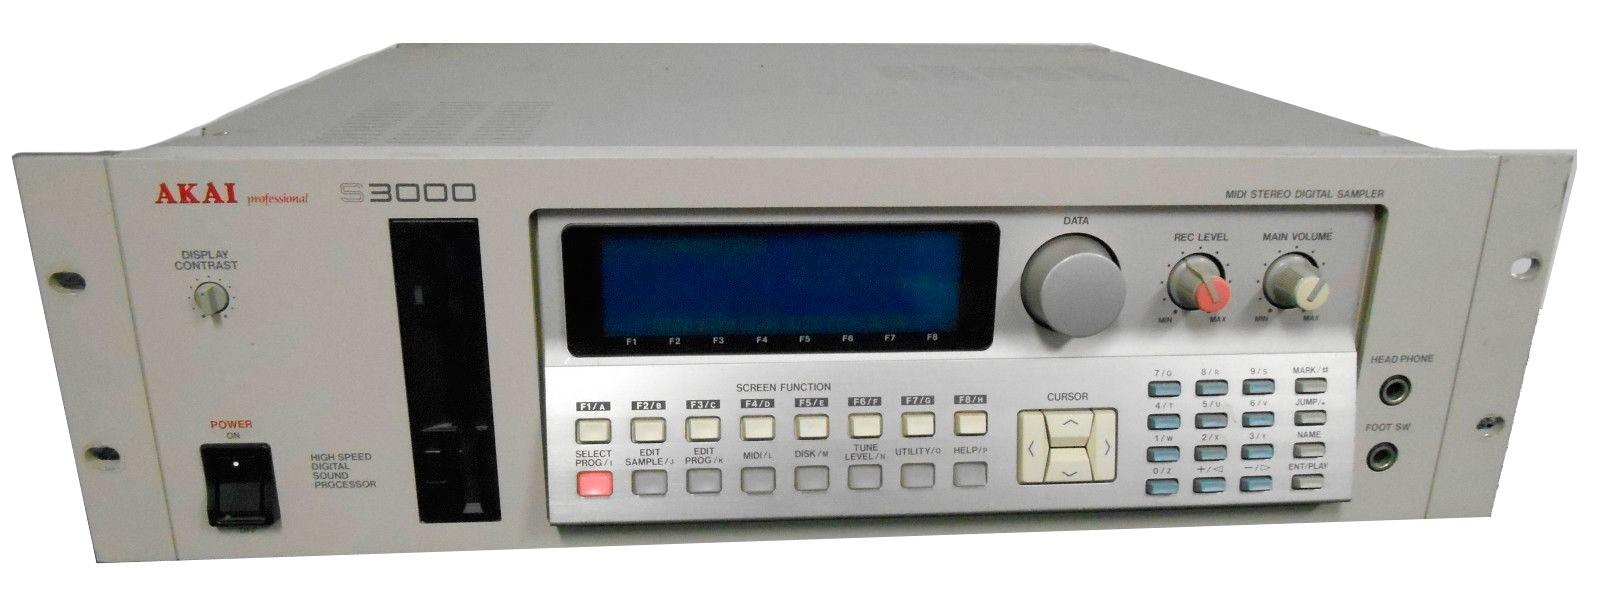 akai-s3000-25570.jpg